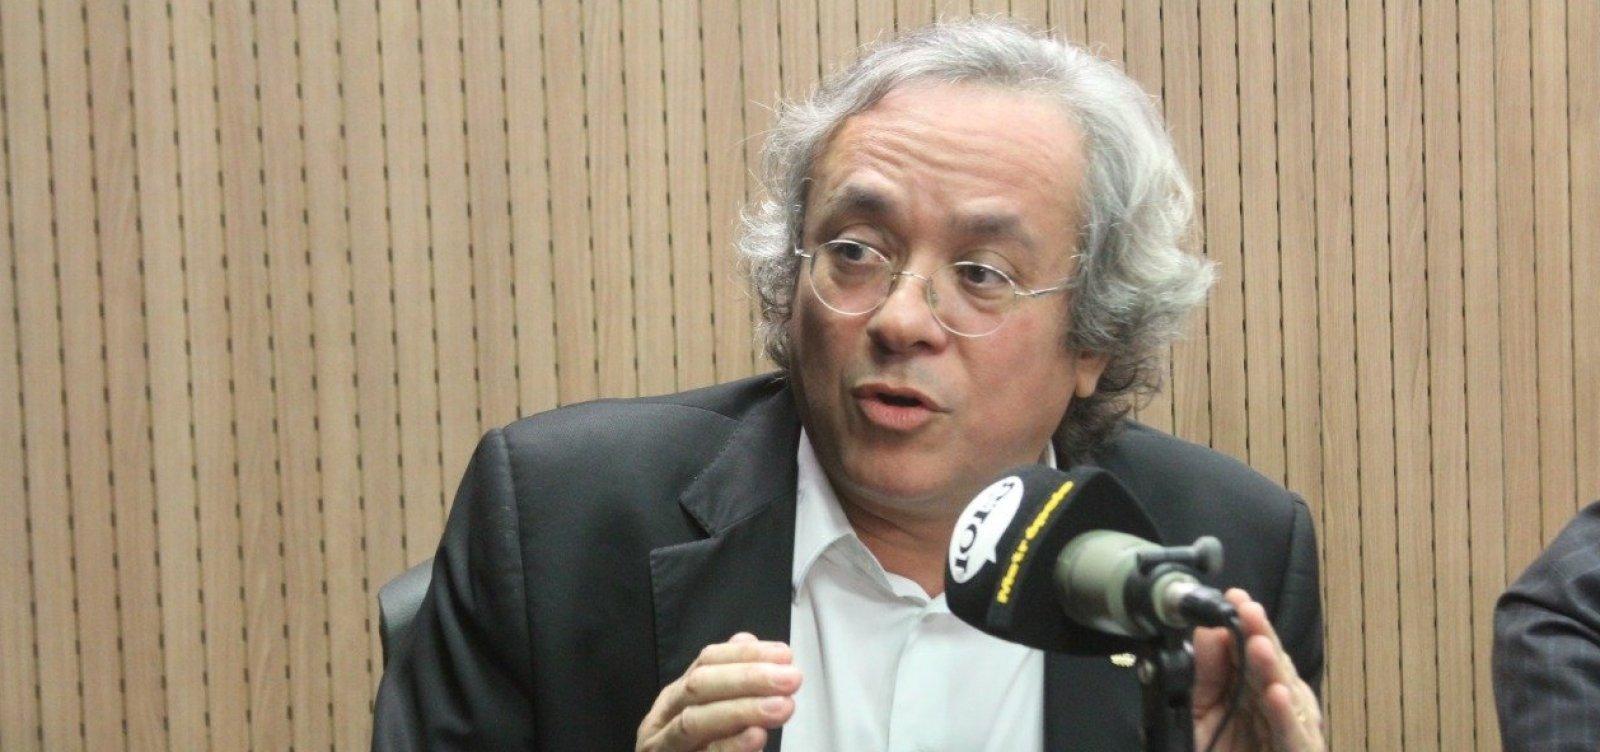 [Após fala de Bolsonaro, reitor da Ufba diz que servidor deve se basear em ciência e não em 'histórico de atleta']